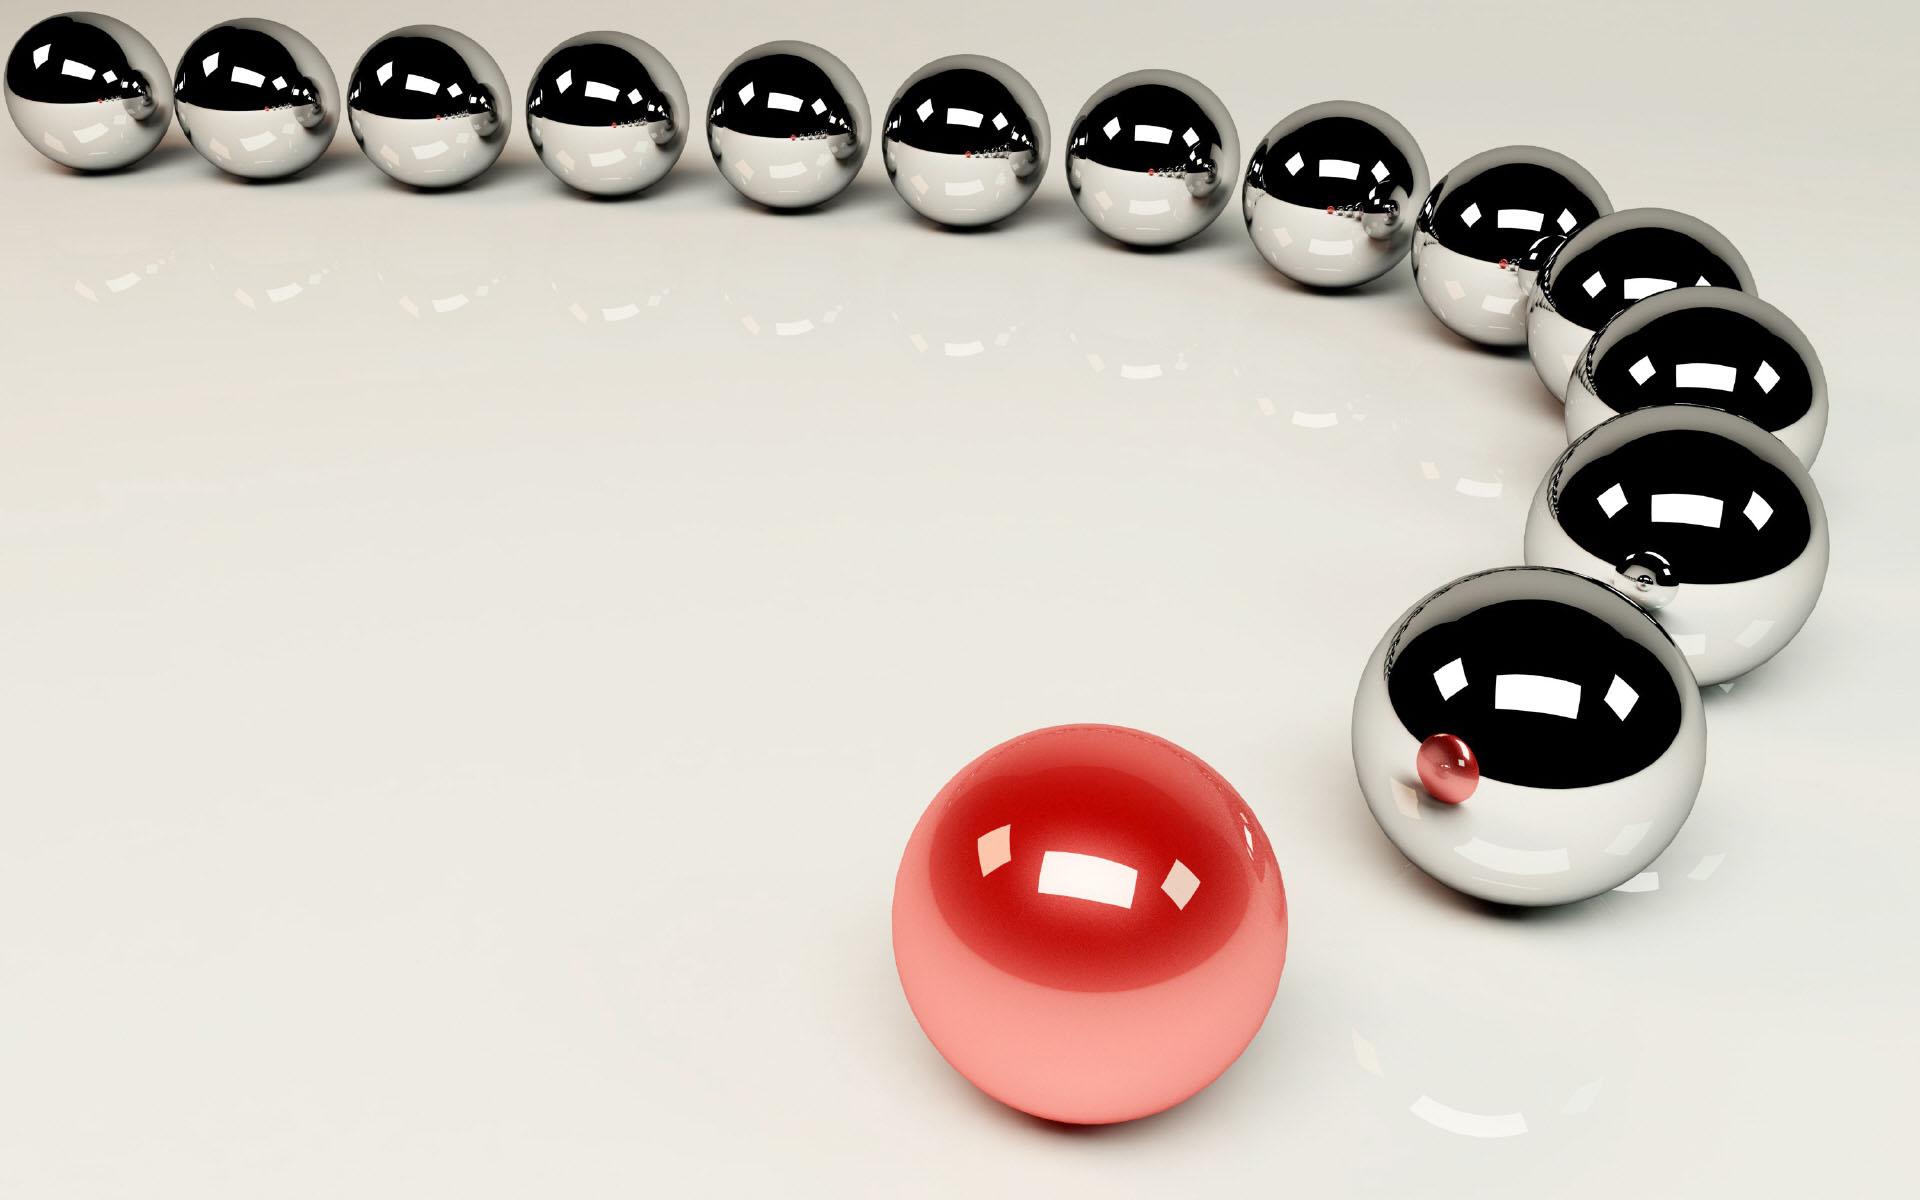 3D metal wallpaper, скачать фото 3D, металлические шарики, обои для рабочего стола